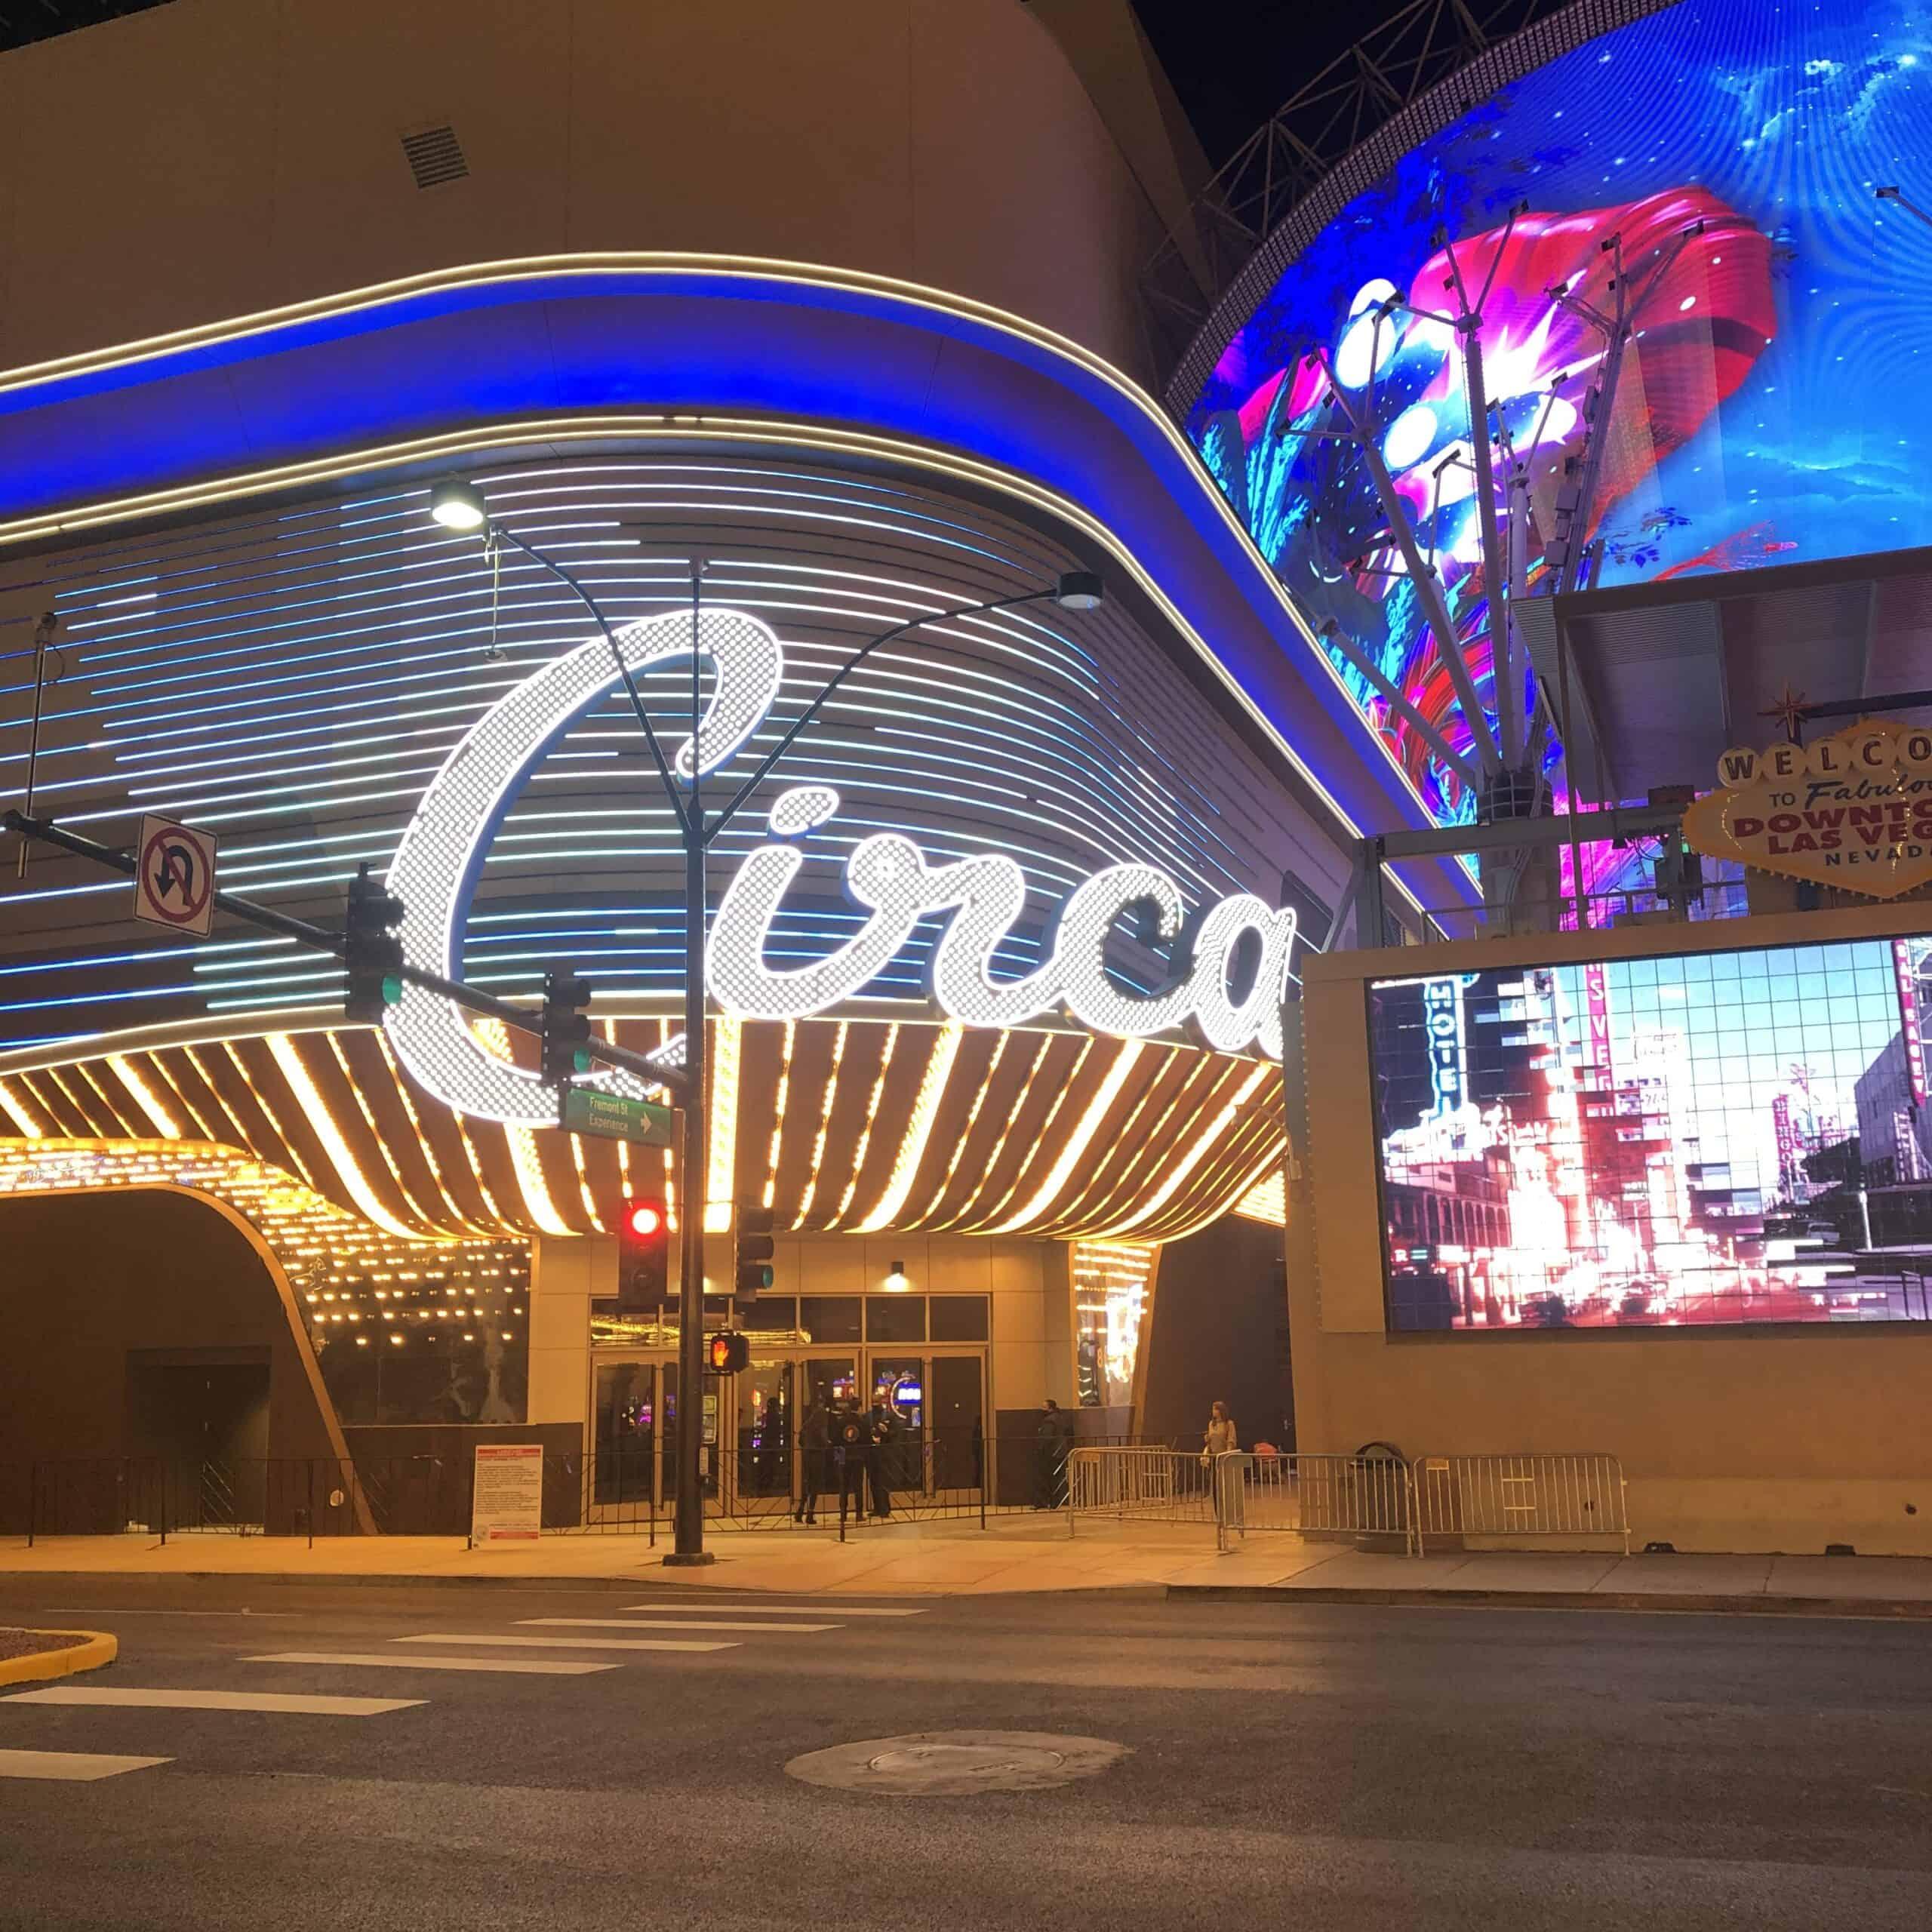 Circa Las Vegas Exterior from Plaza